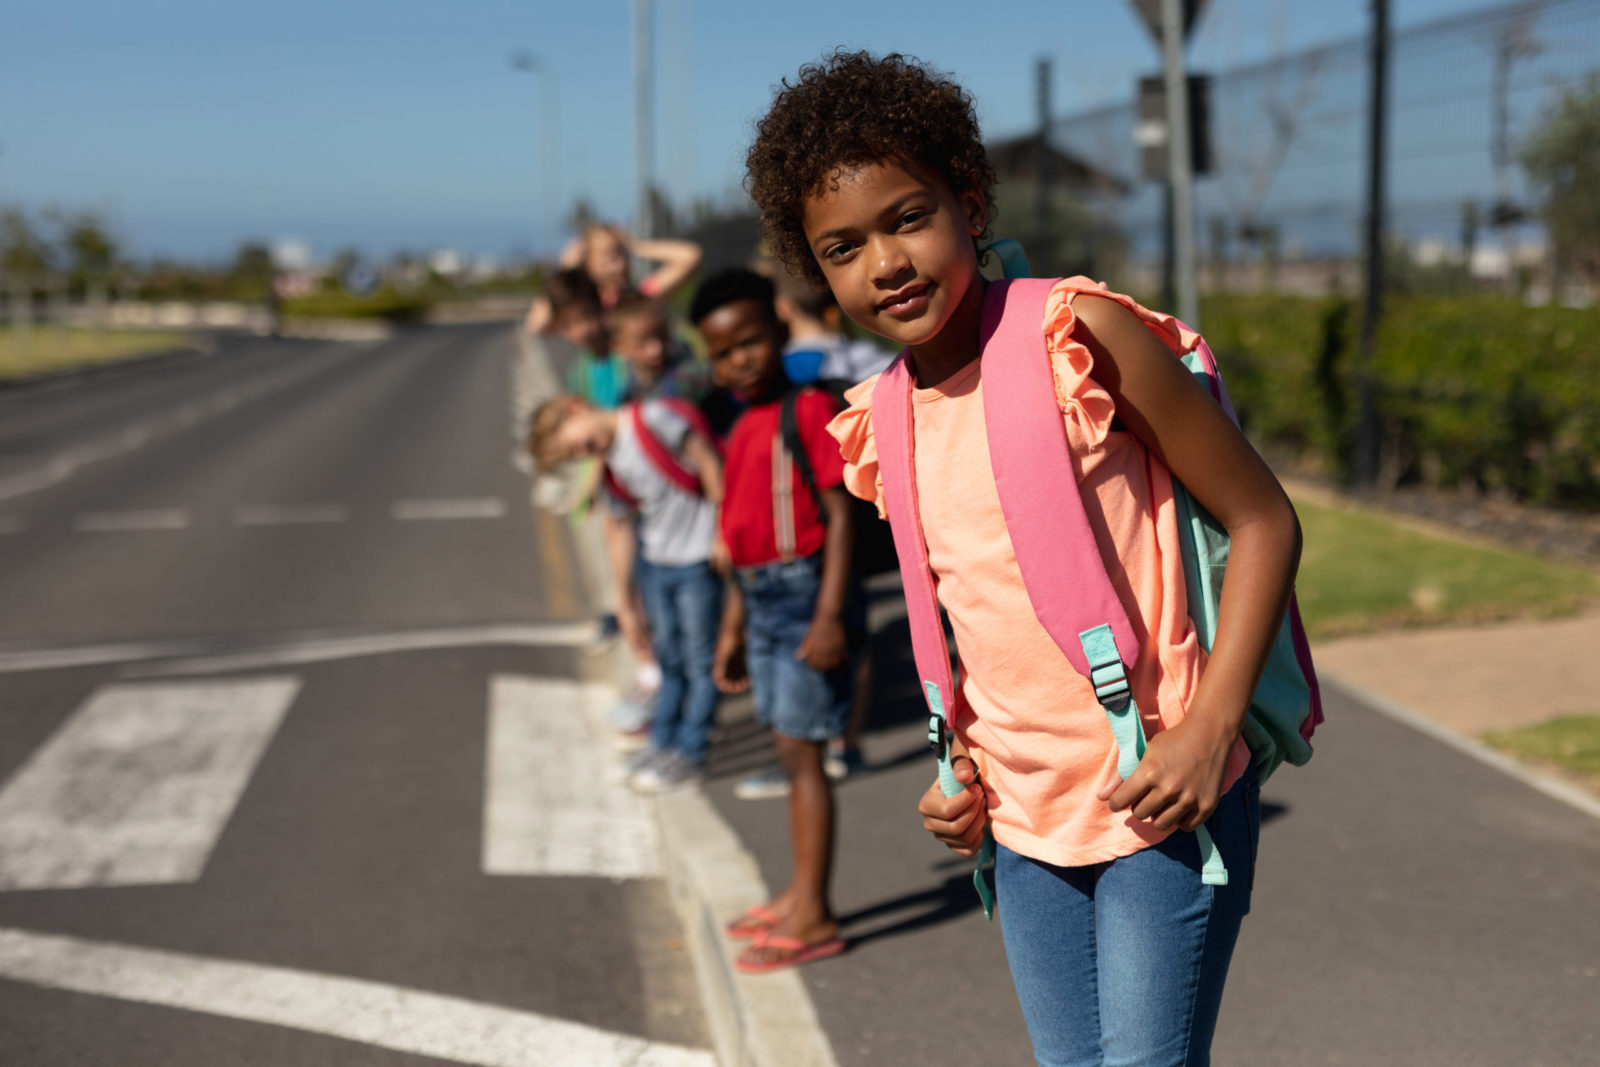 girl waiting for bus at crosswalk